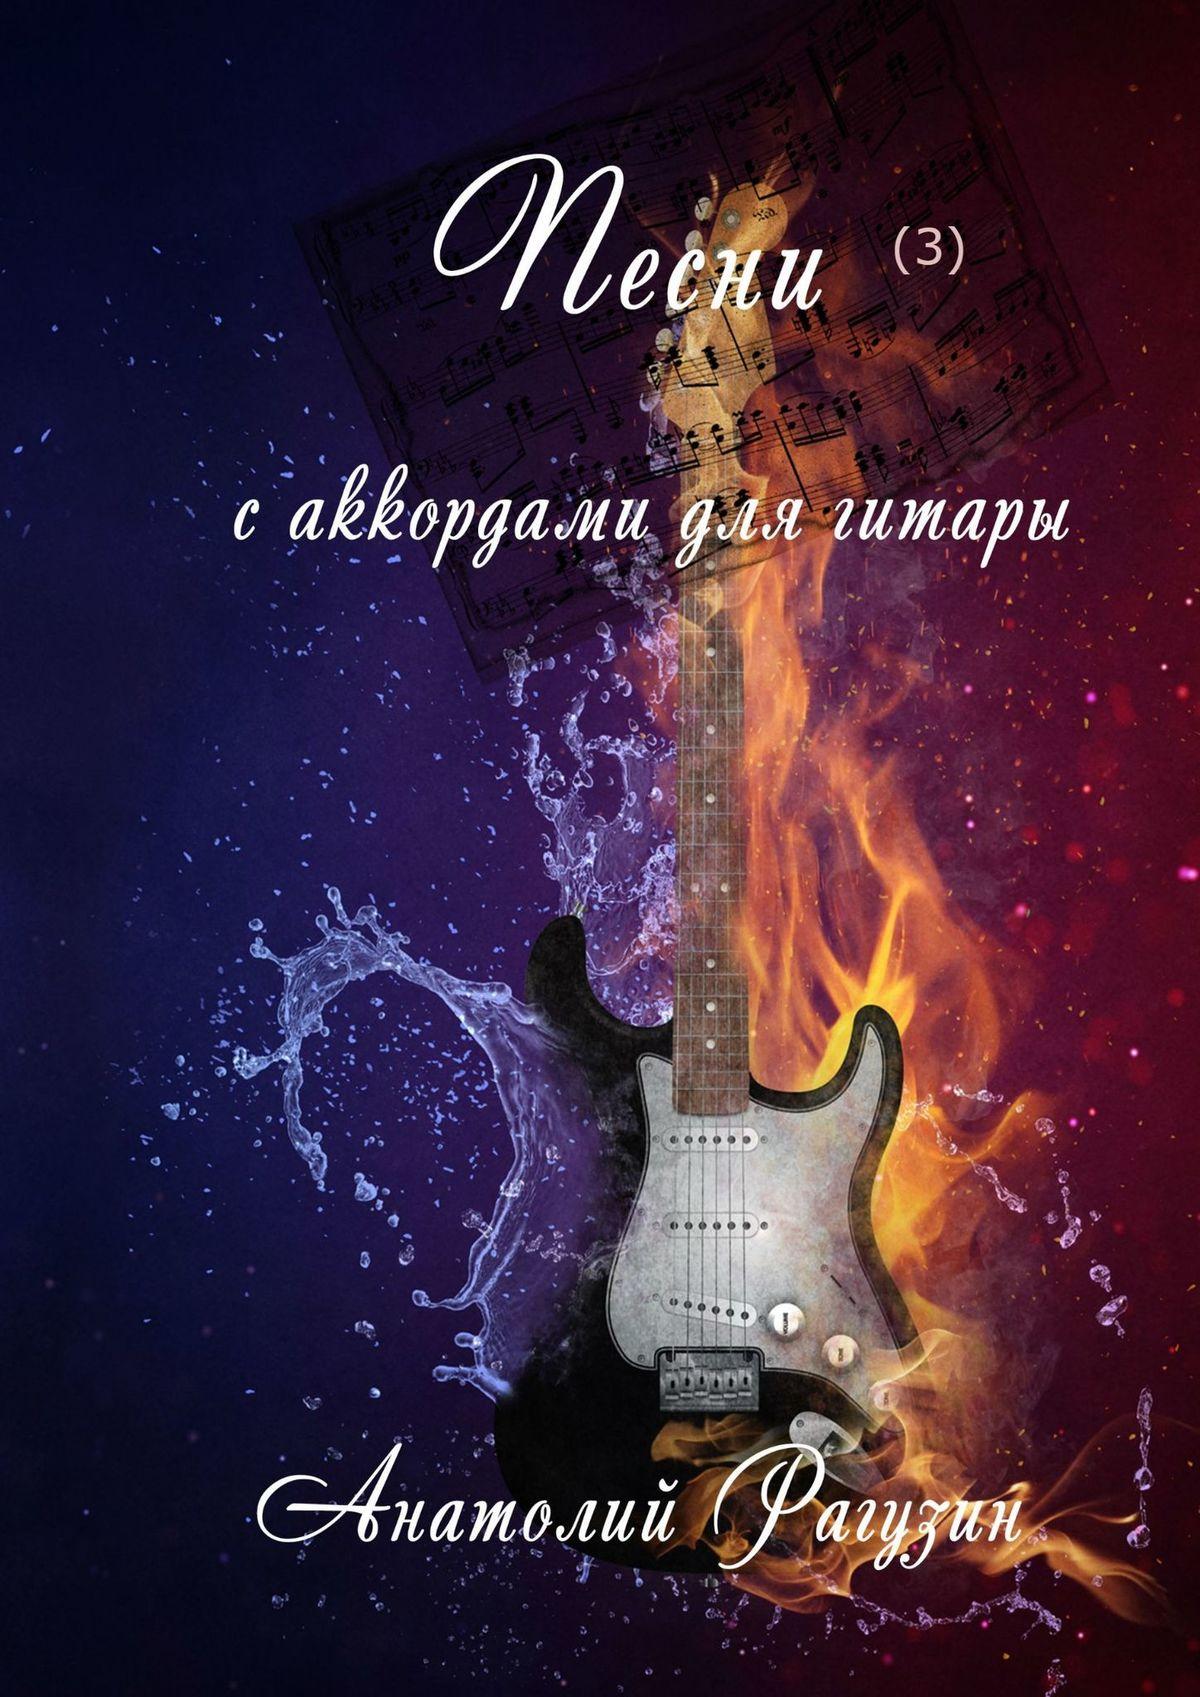 Анатолий Рагузин Песни (3). С аккордами для гитары некрасов н мужичок с ноготок стихи